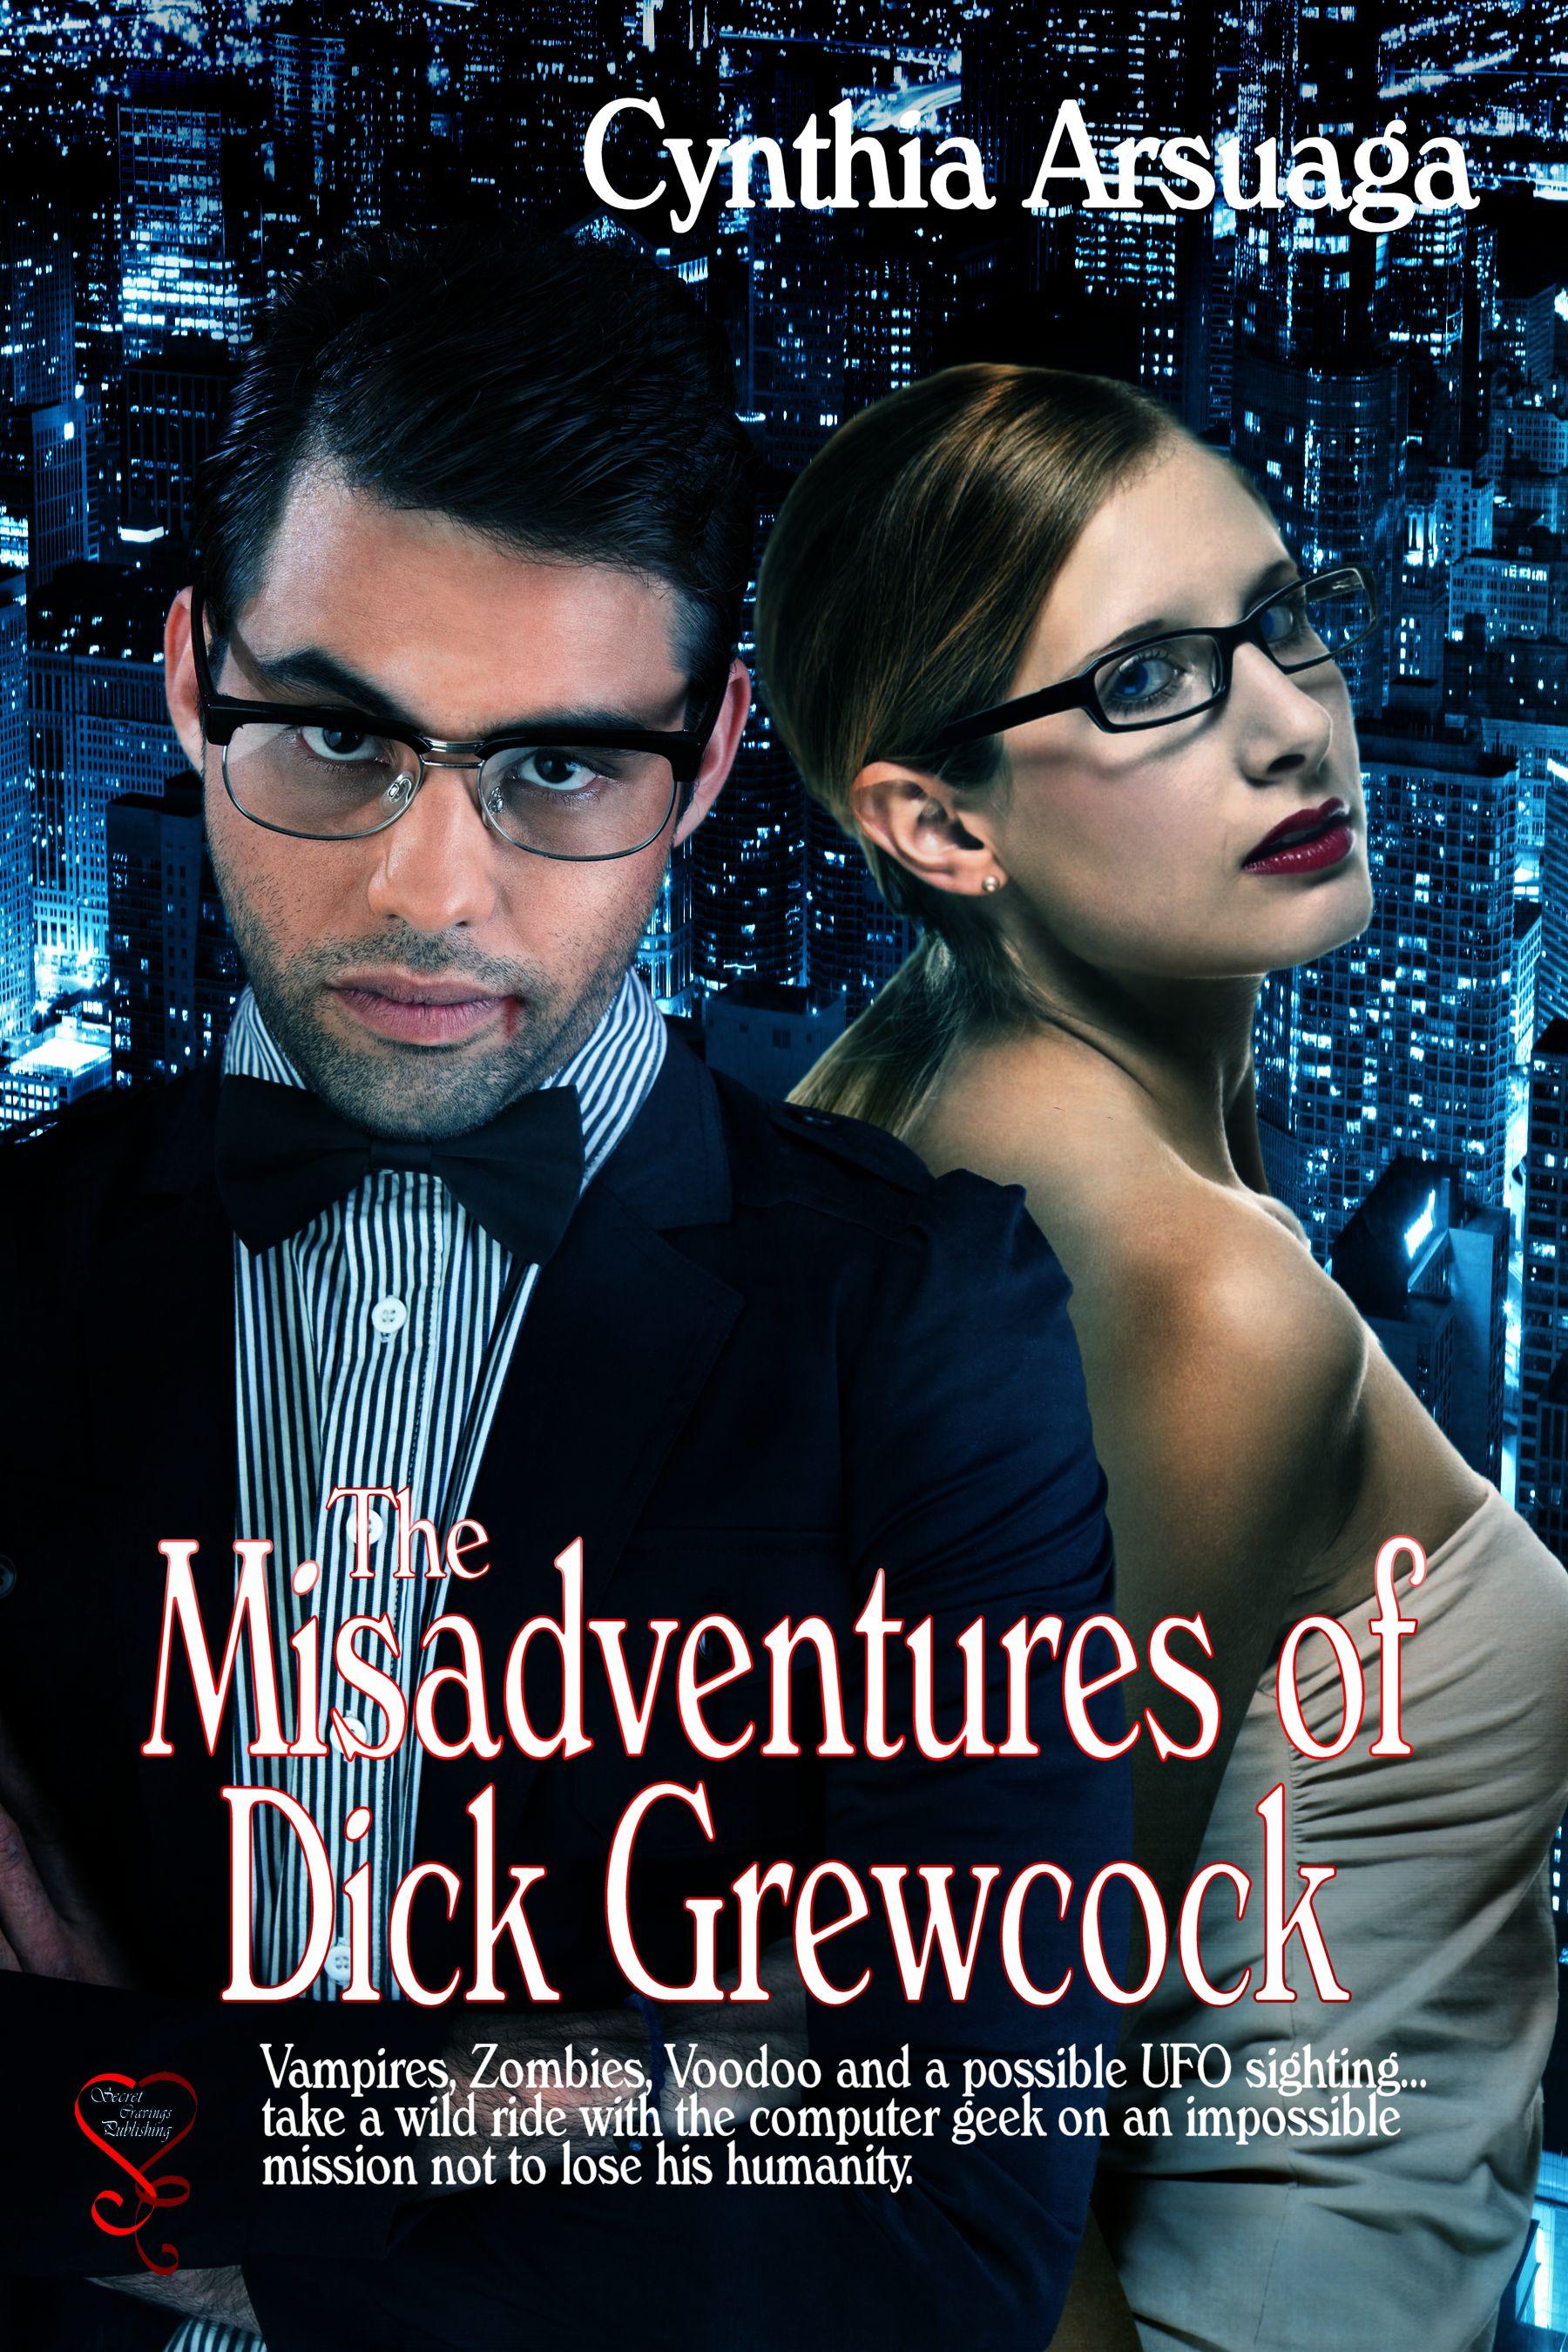 Cynthia Arsuaga - The Misadventures of Dick Grewcock